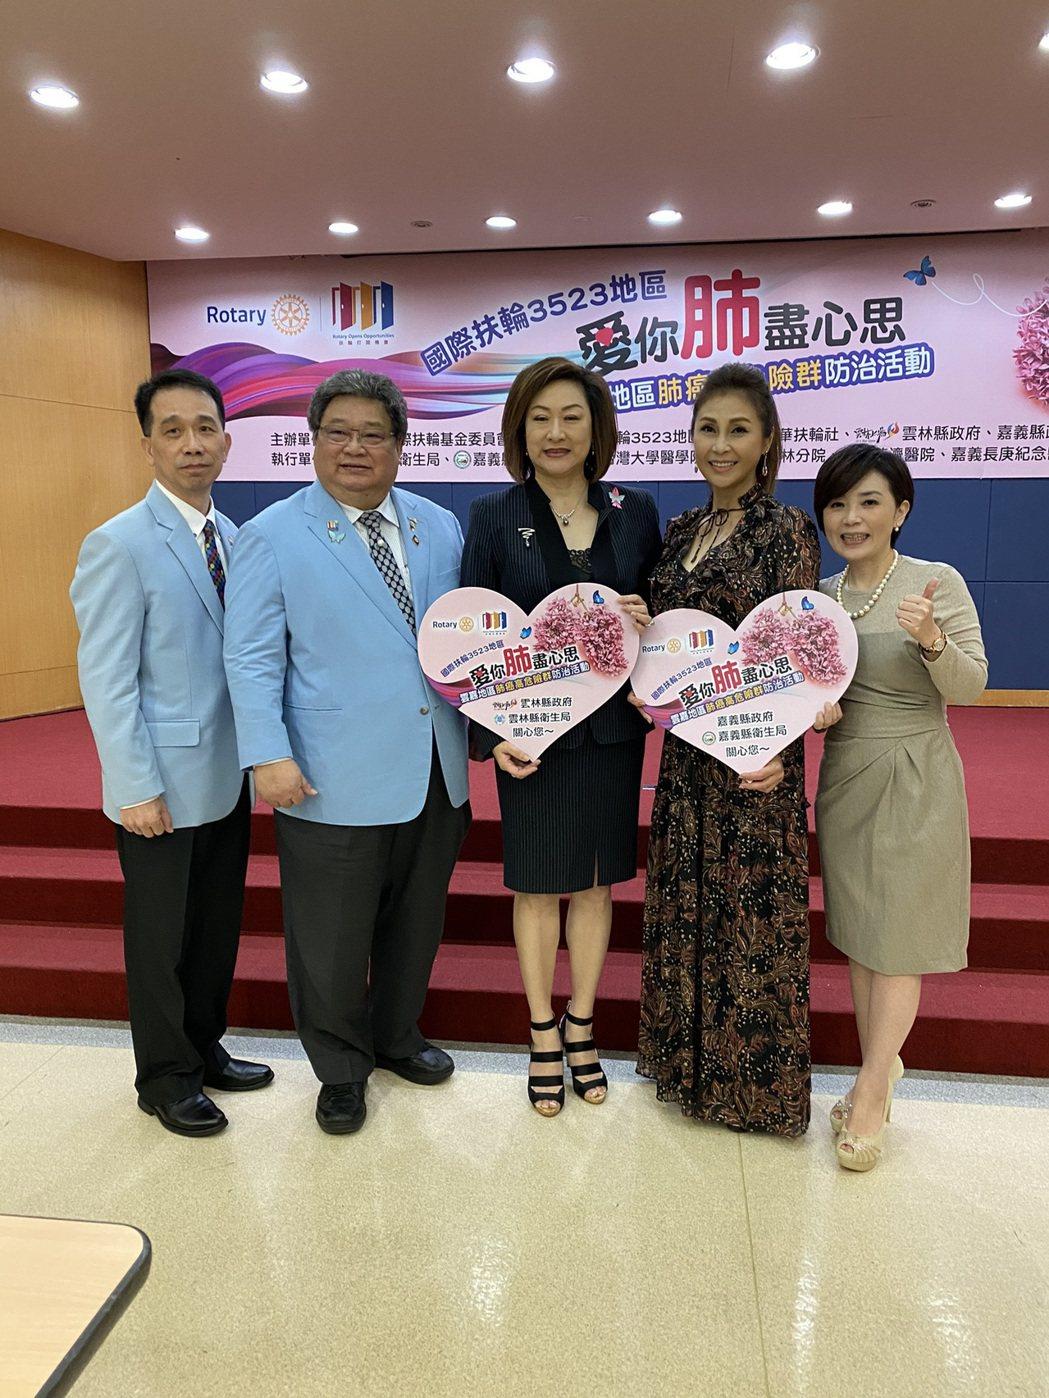 梁佑南(右二)、阮虔芷出席公益活動。圖/民視提供